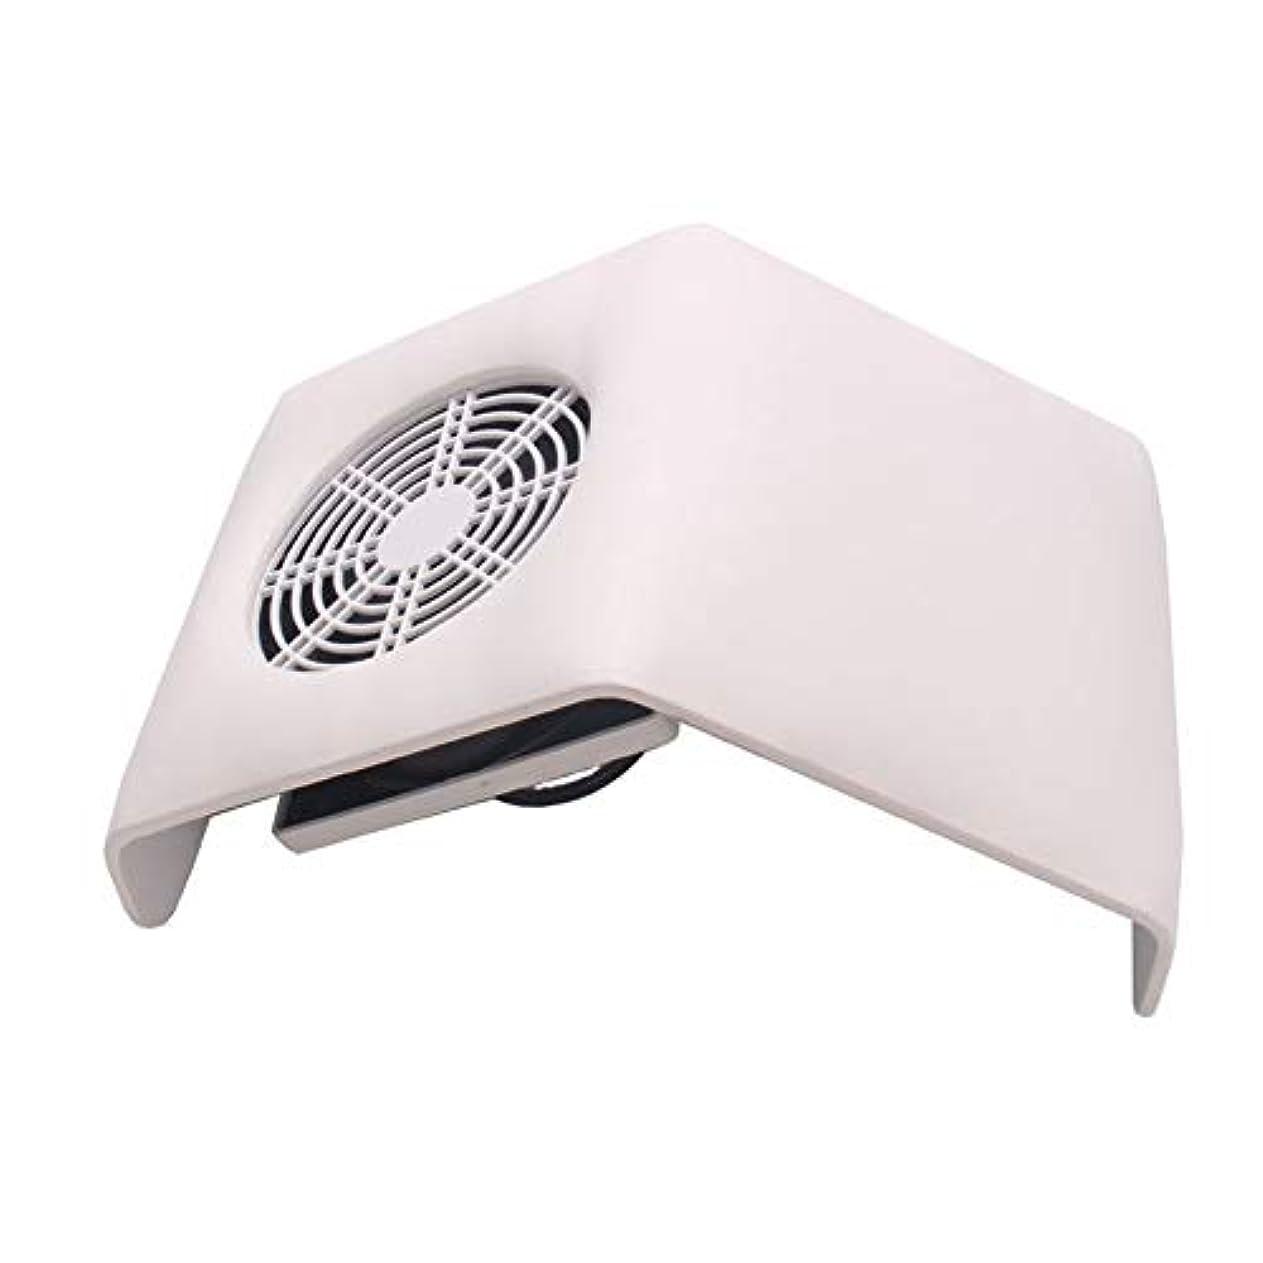 ミント計算する半円集塵機吸引ファン、2つの集塵袋付きネイル掃除機バッグネイルアートマニキュアサロンツールの収集マニキュアの工作機械ダストネイル (Color : White)